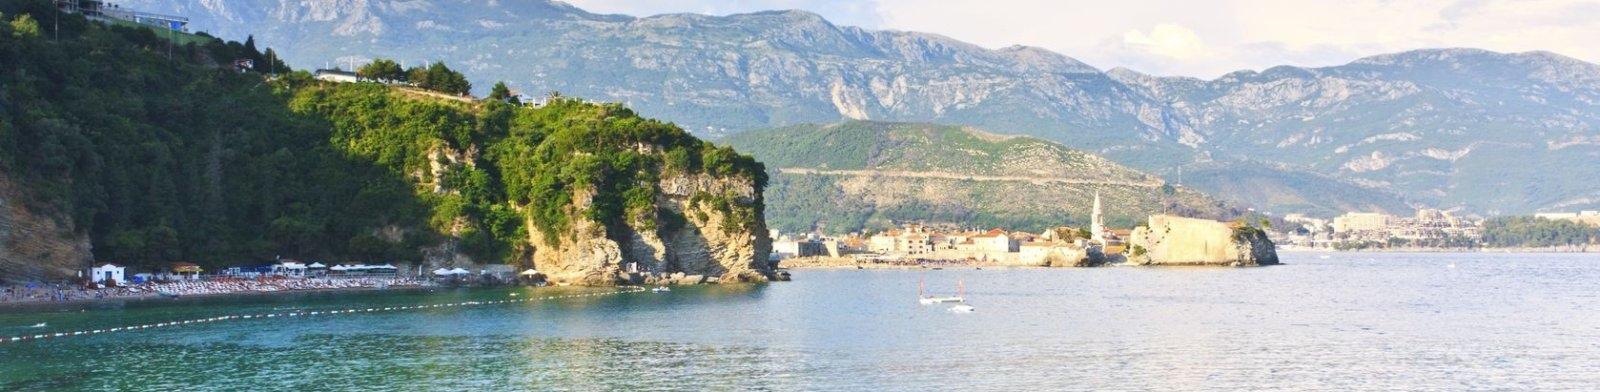 Coast of Montenegro